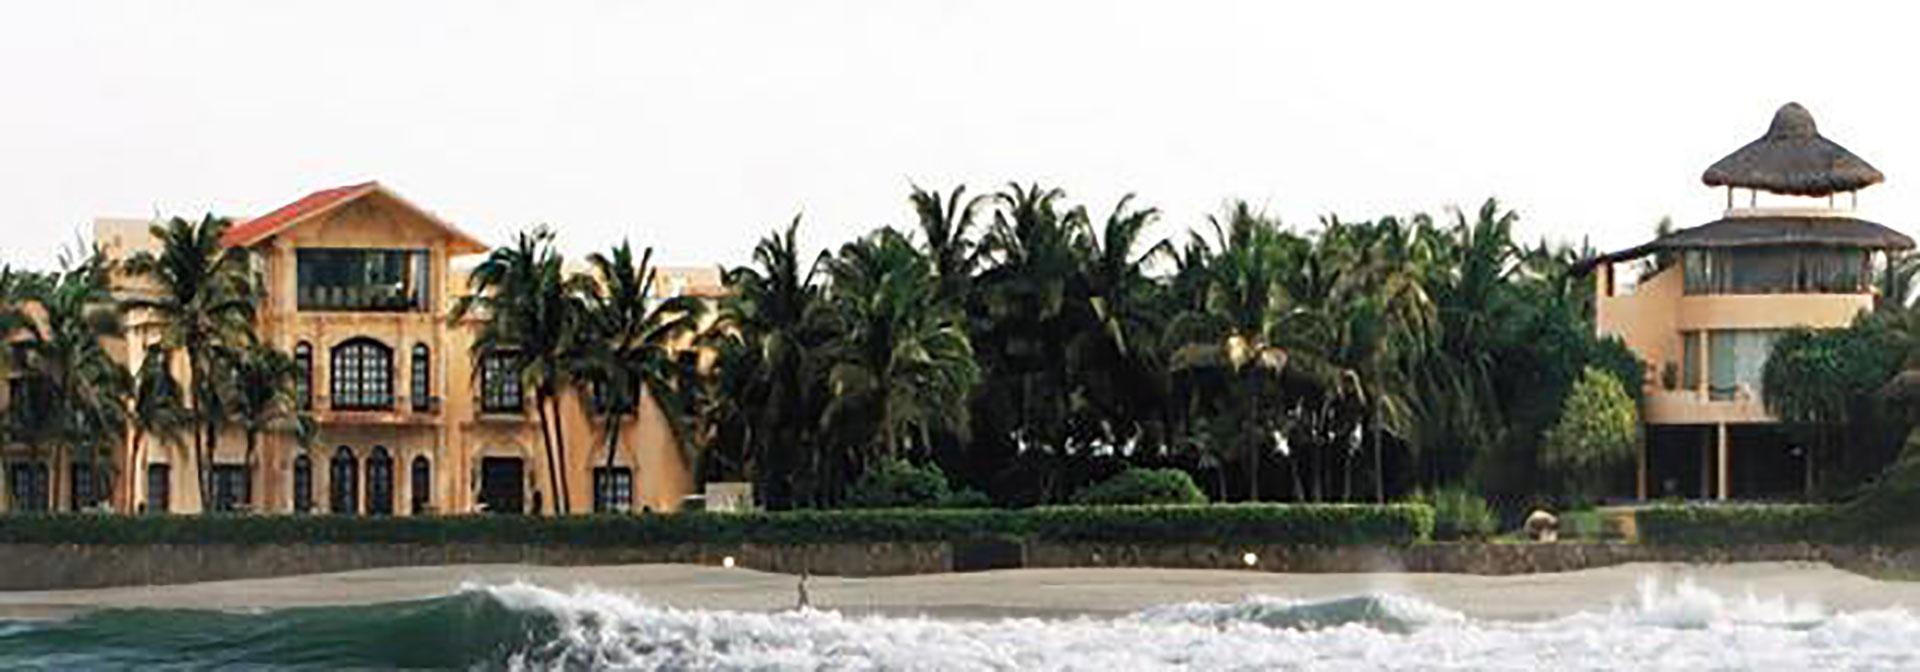 La propiedad estaba ubicada en la zona conocida entonces como Playa Bonfil